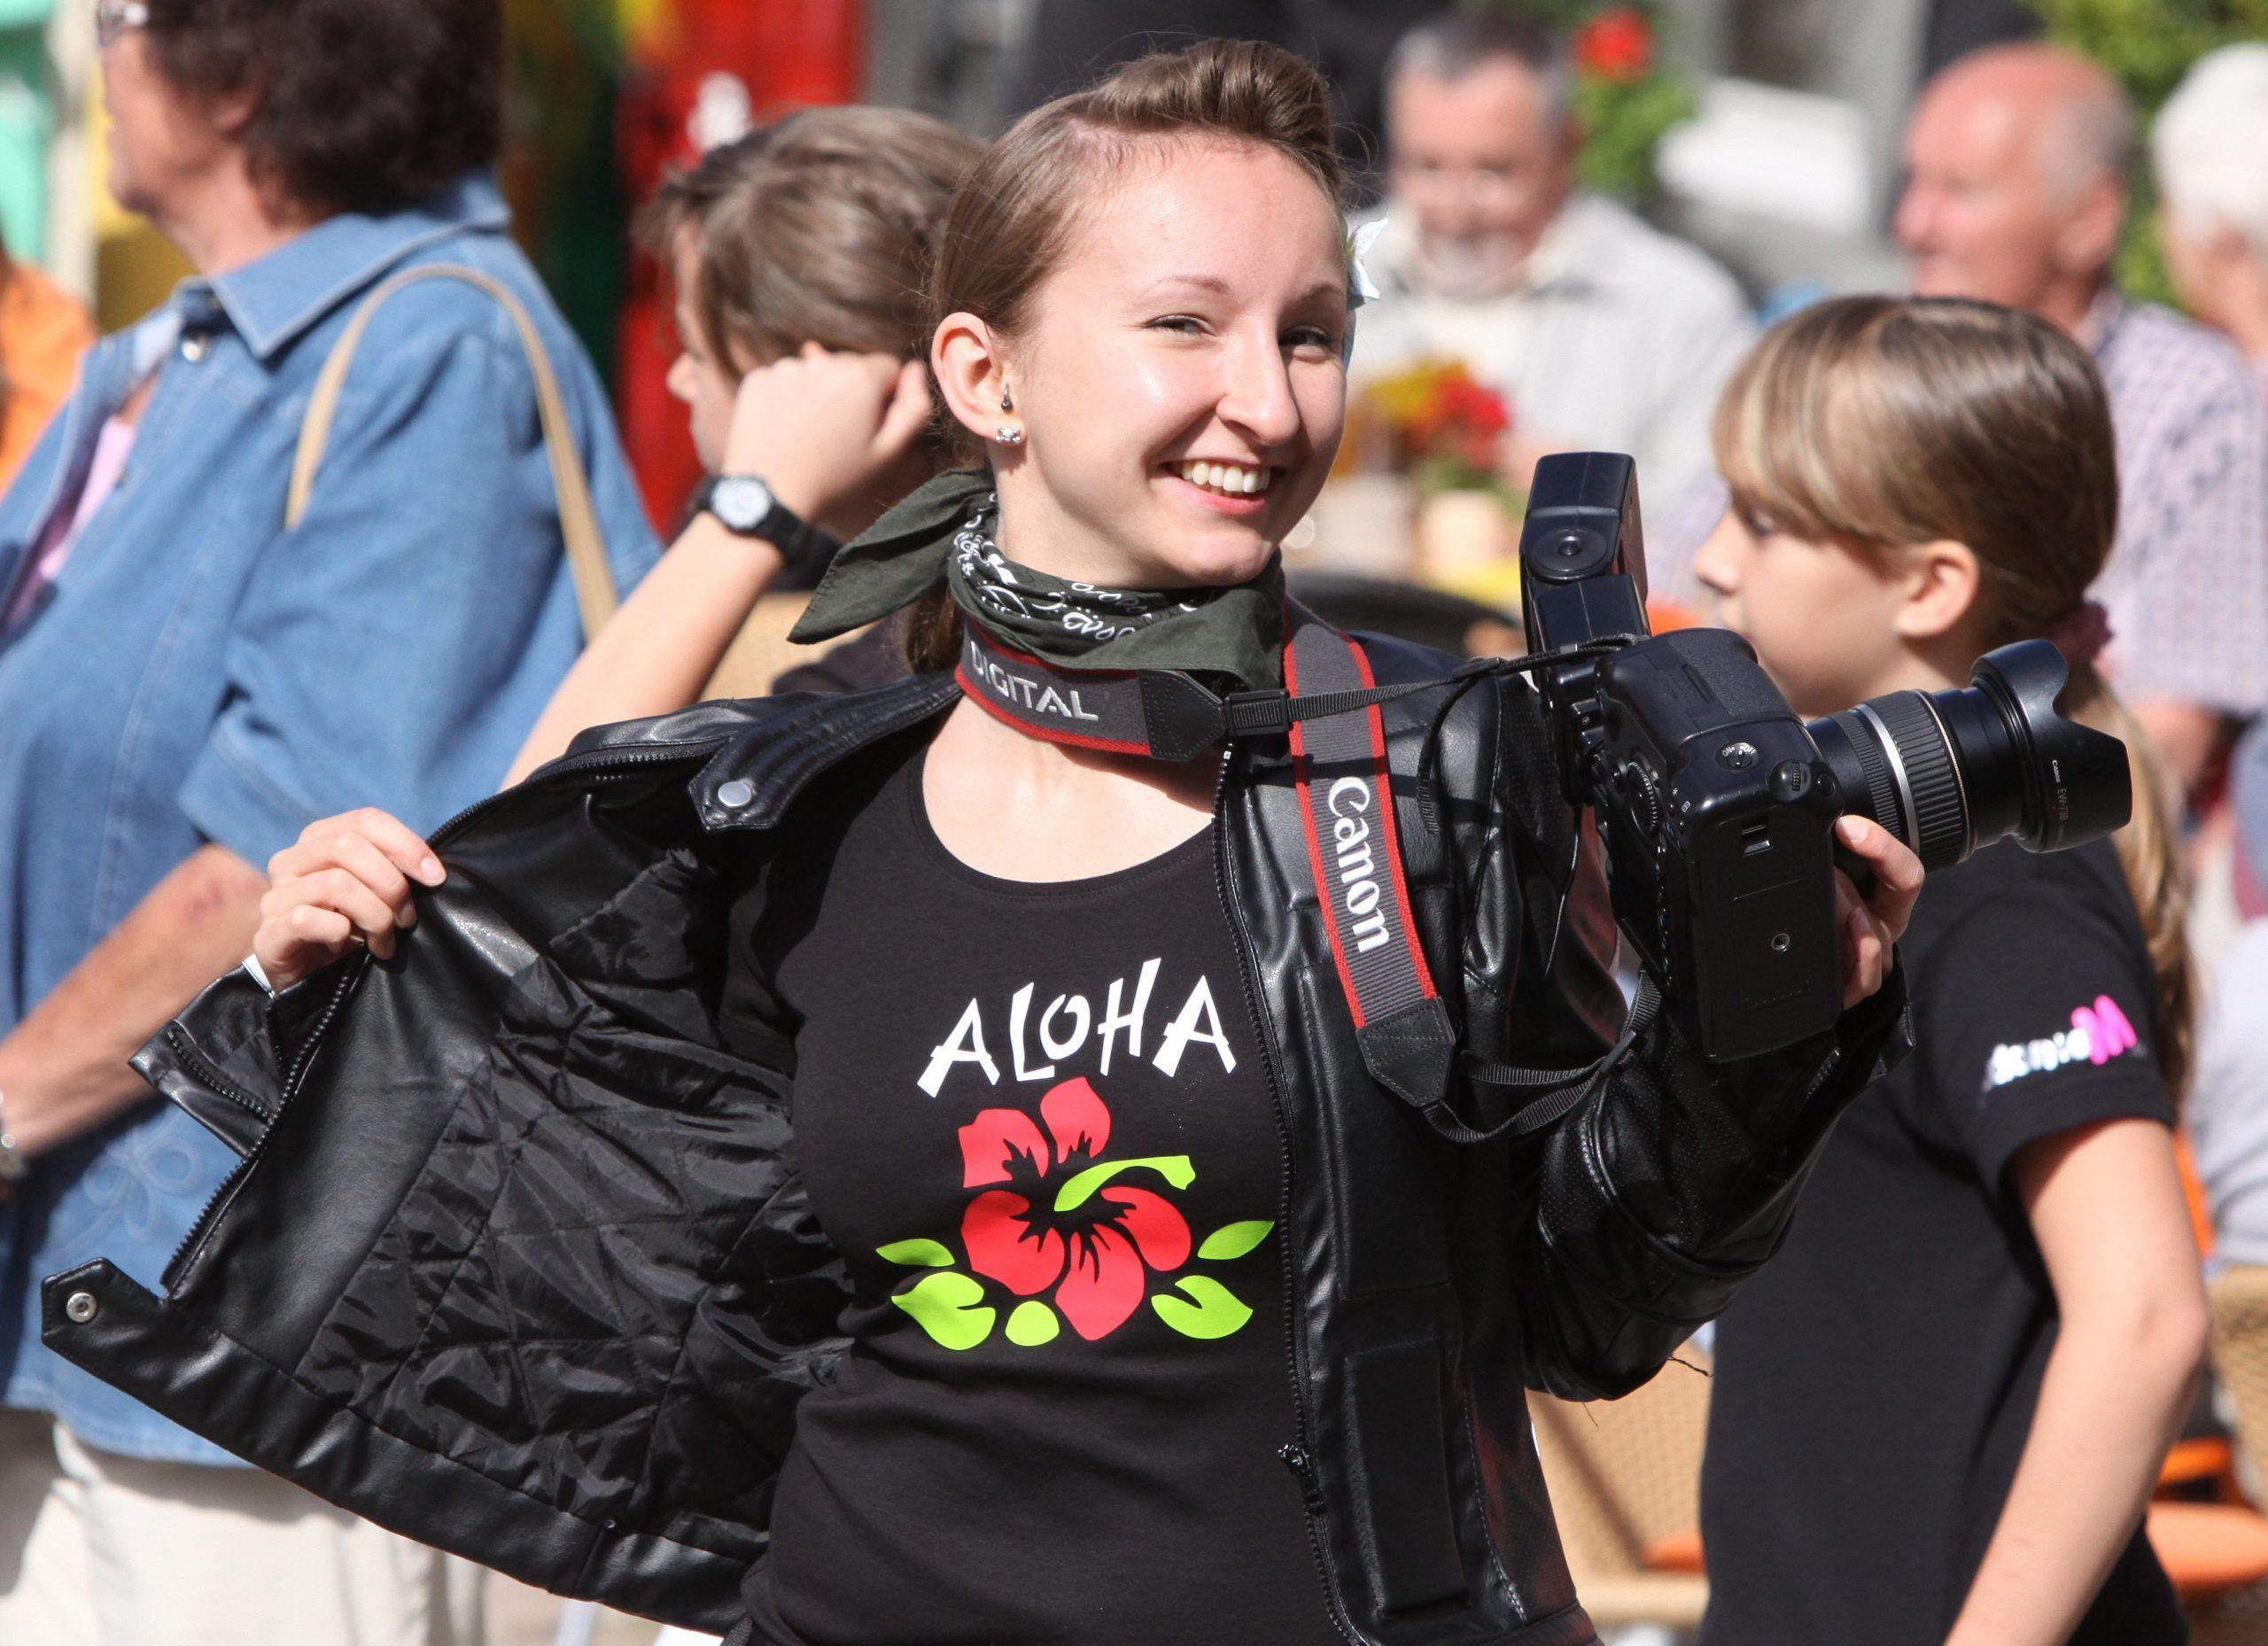 Brauchen Journalisten eine Haltung? – Der Kampf um die Seele einer Nachwuchsjournalistin